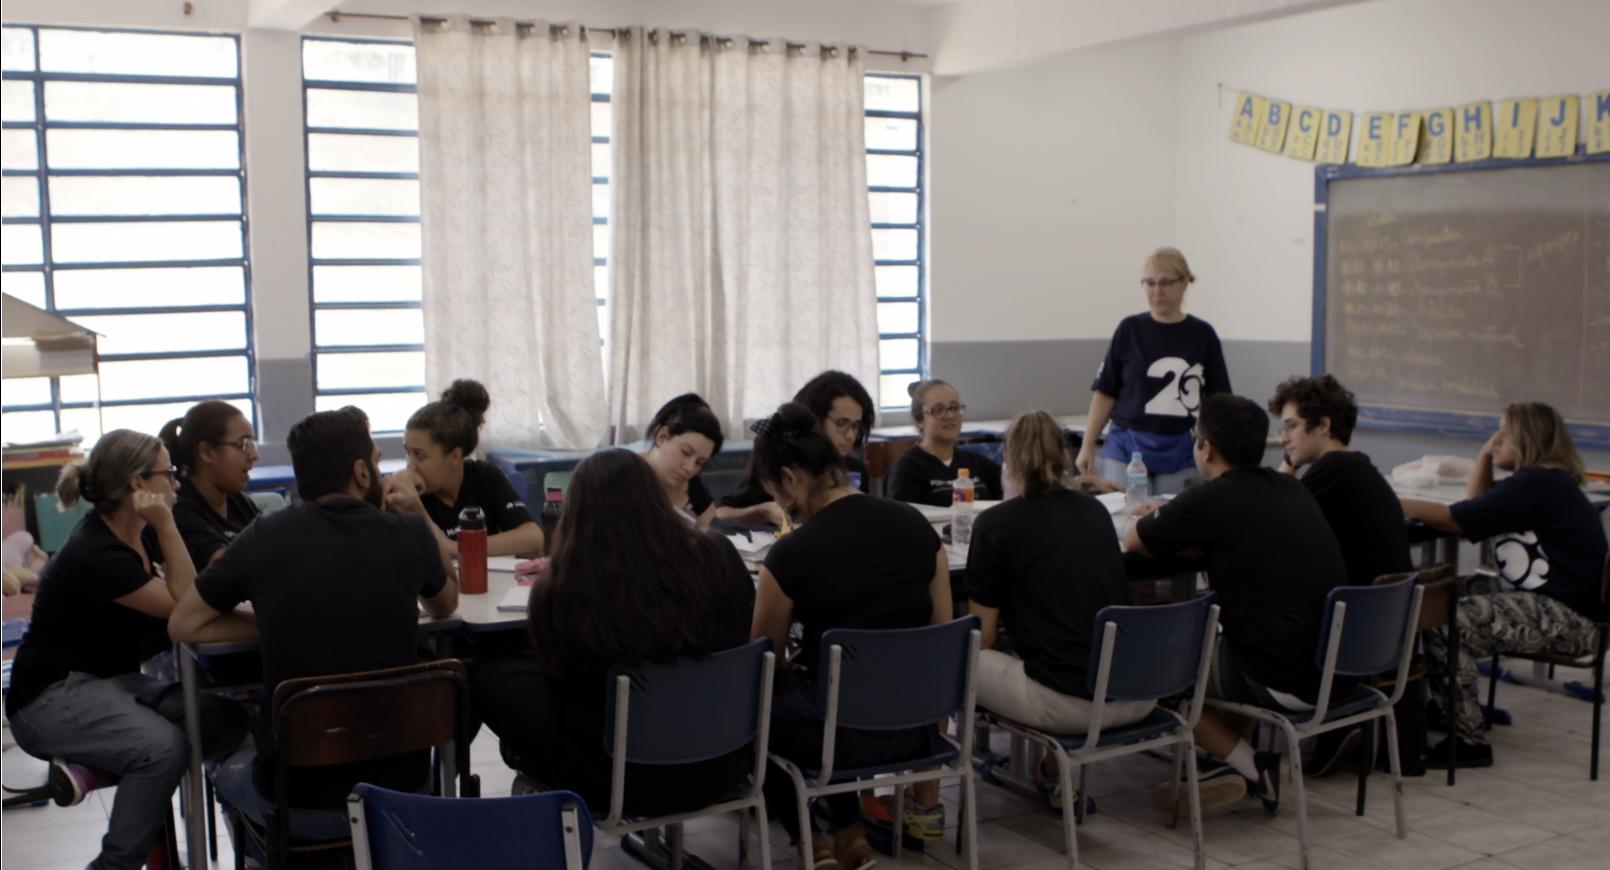 Observadores ajudam professores a entender suas escolhas em sala